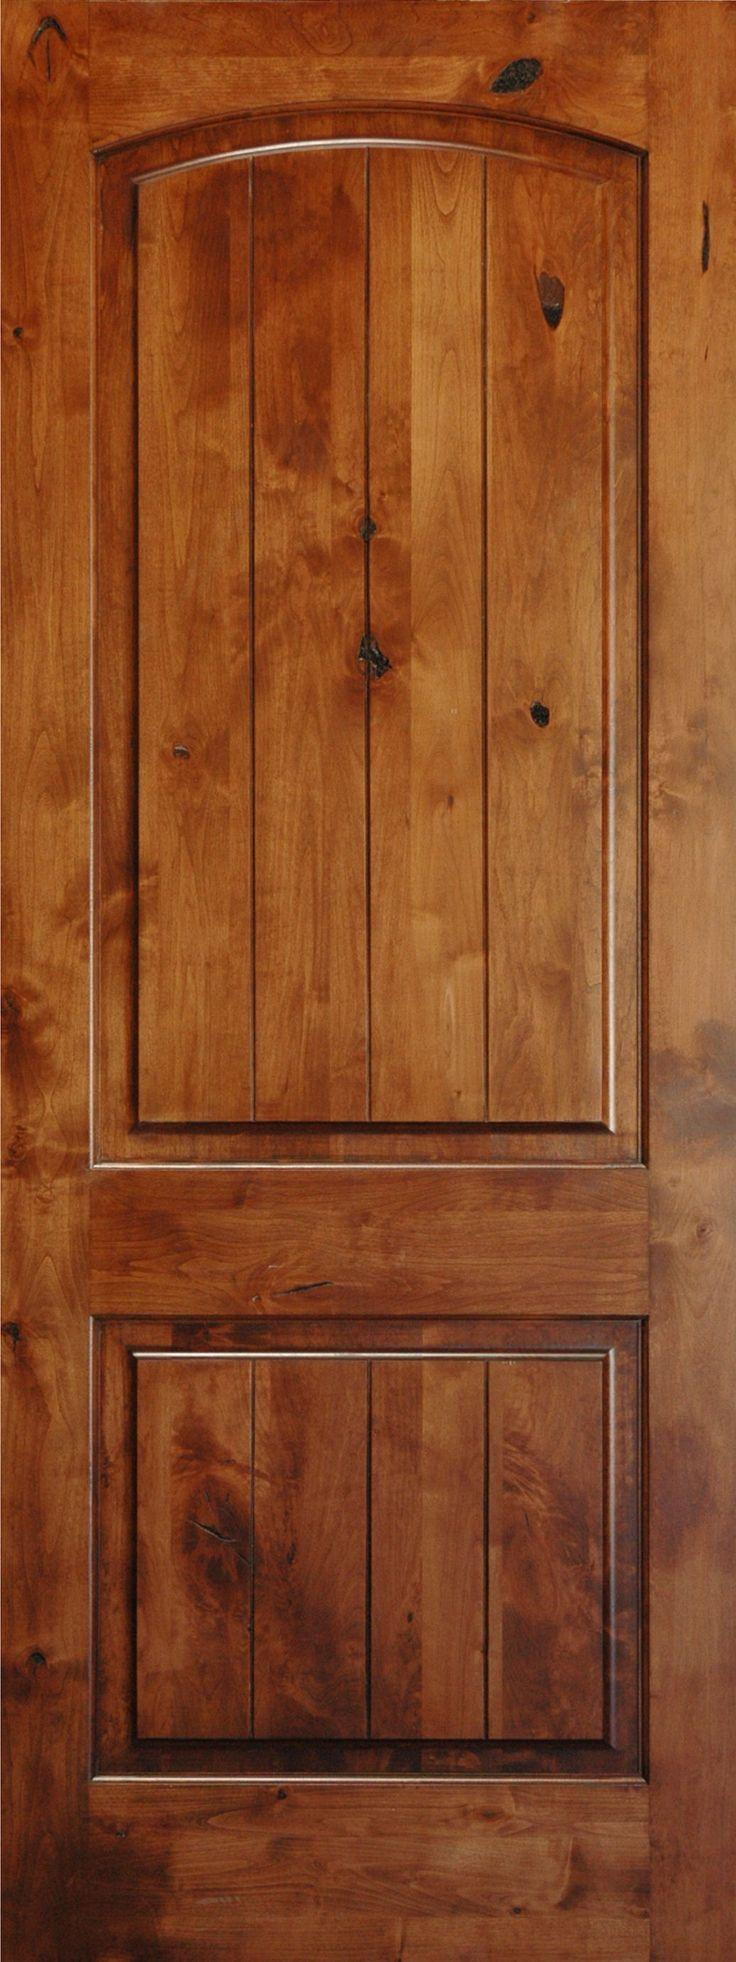 25 Best Ideas About Knotty Pine Doors On Pinterest Rustic Interior Doors Rustic Pet Doors